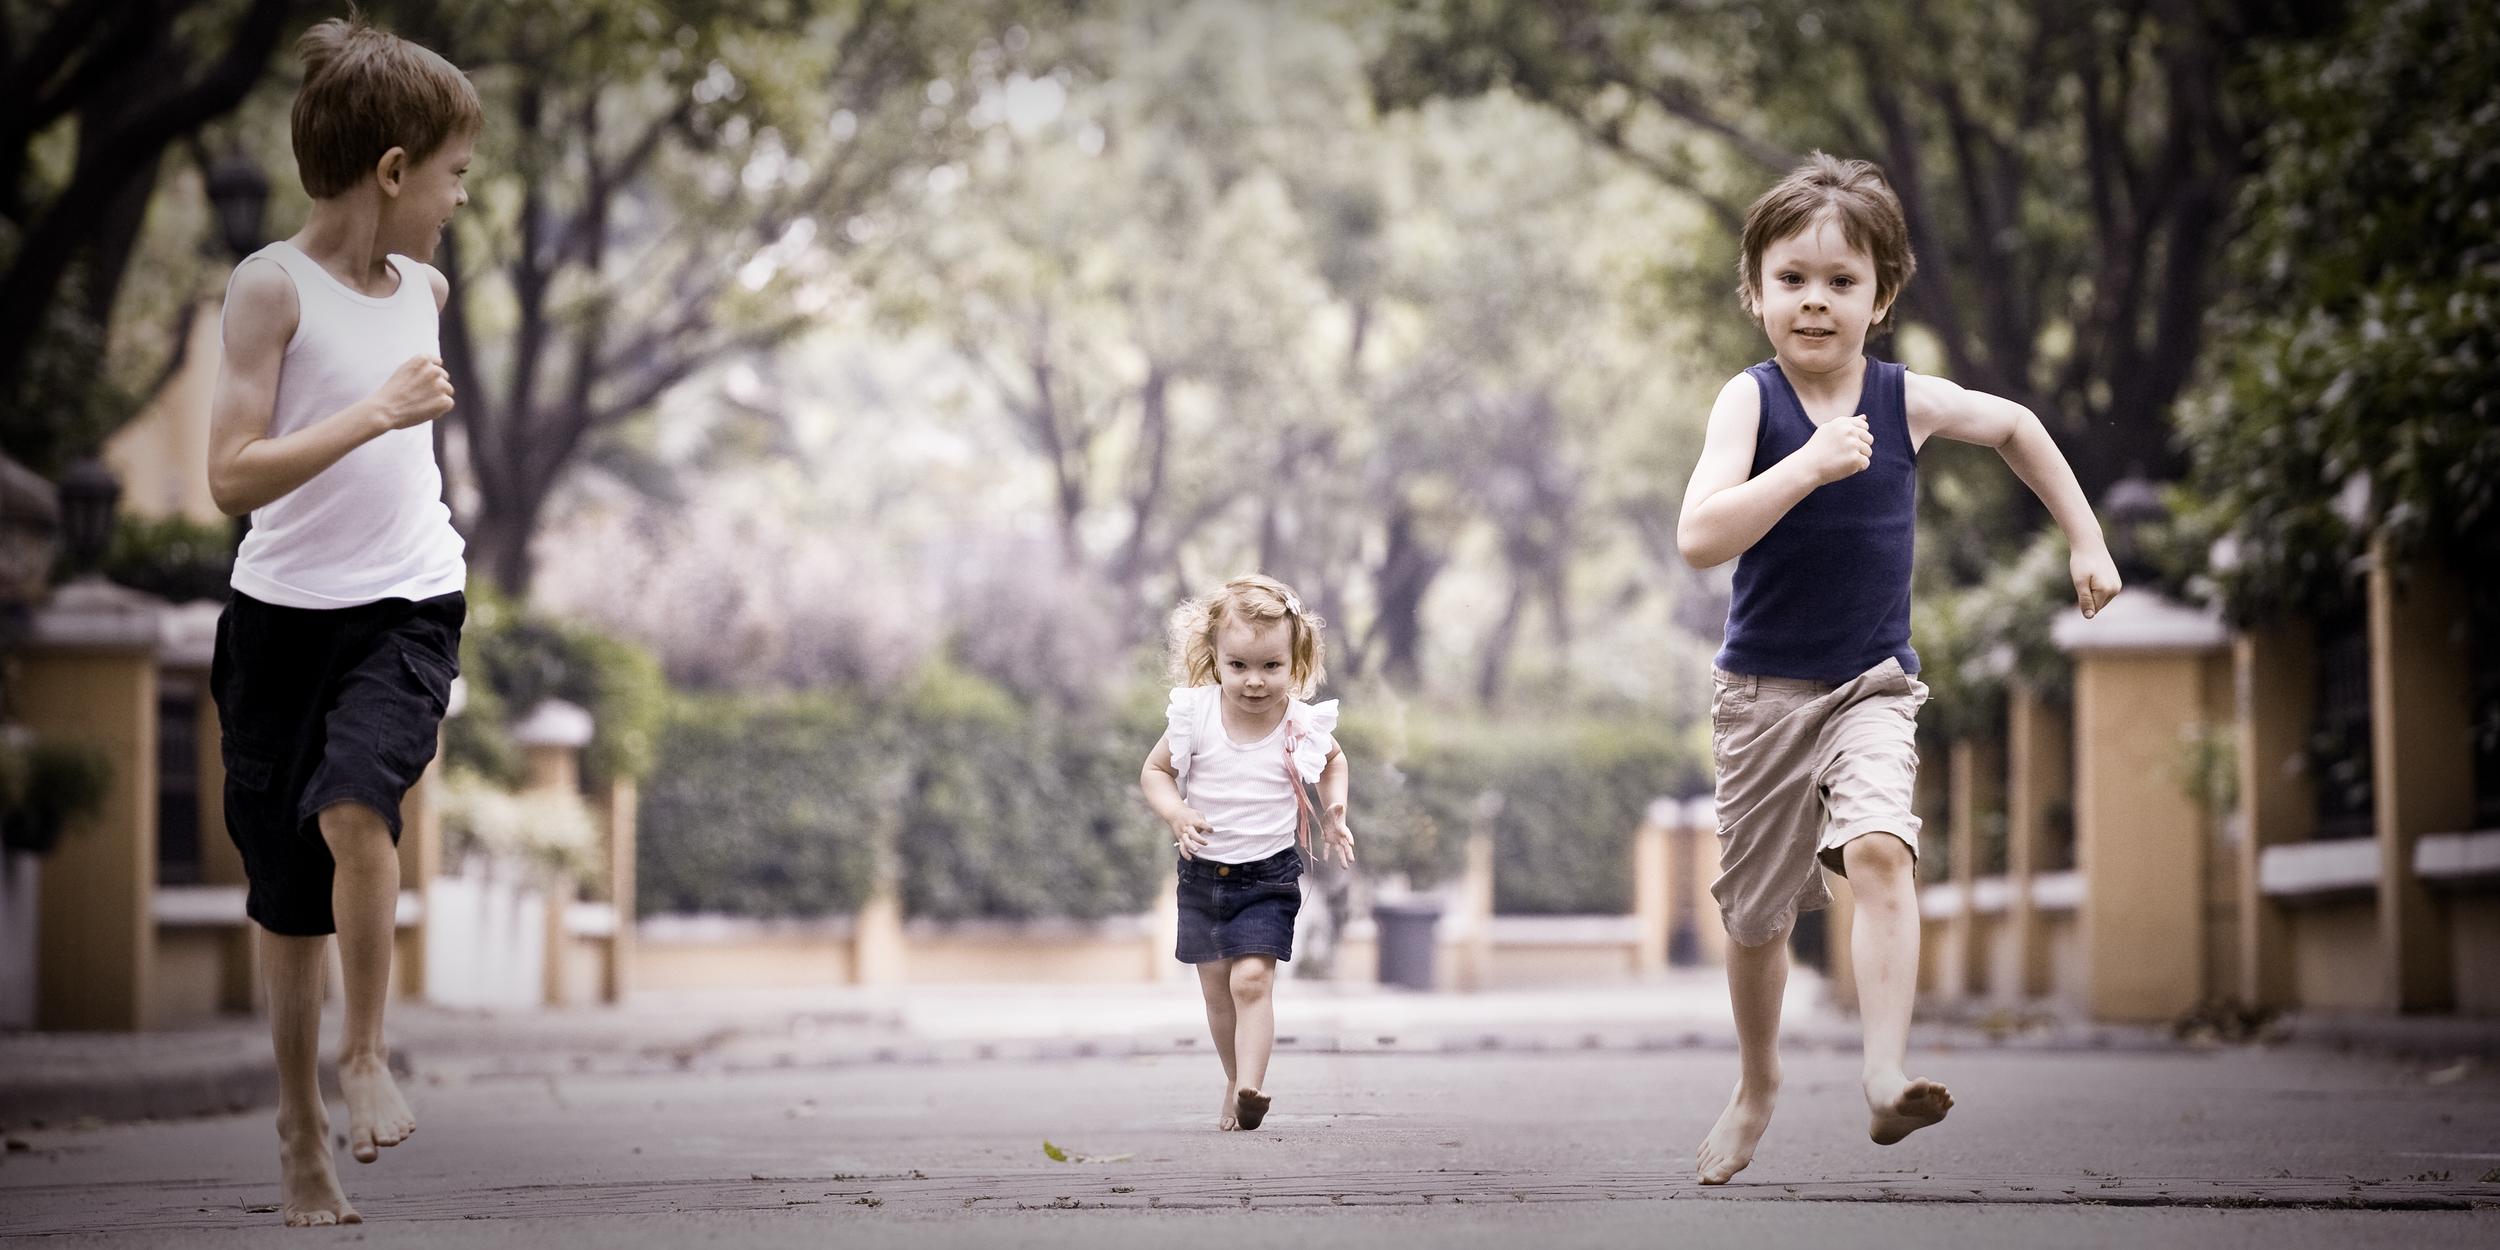 Siblings-7029 copy.jpg